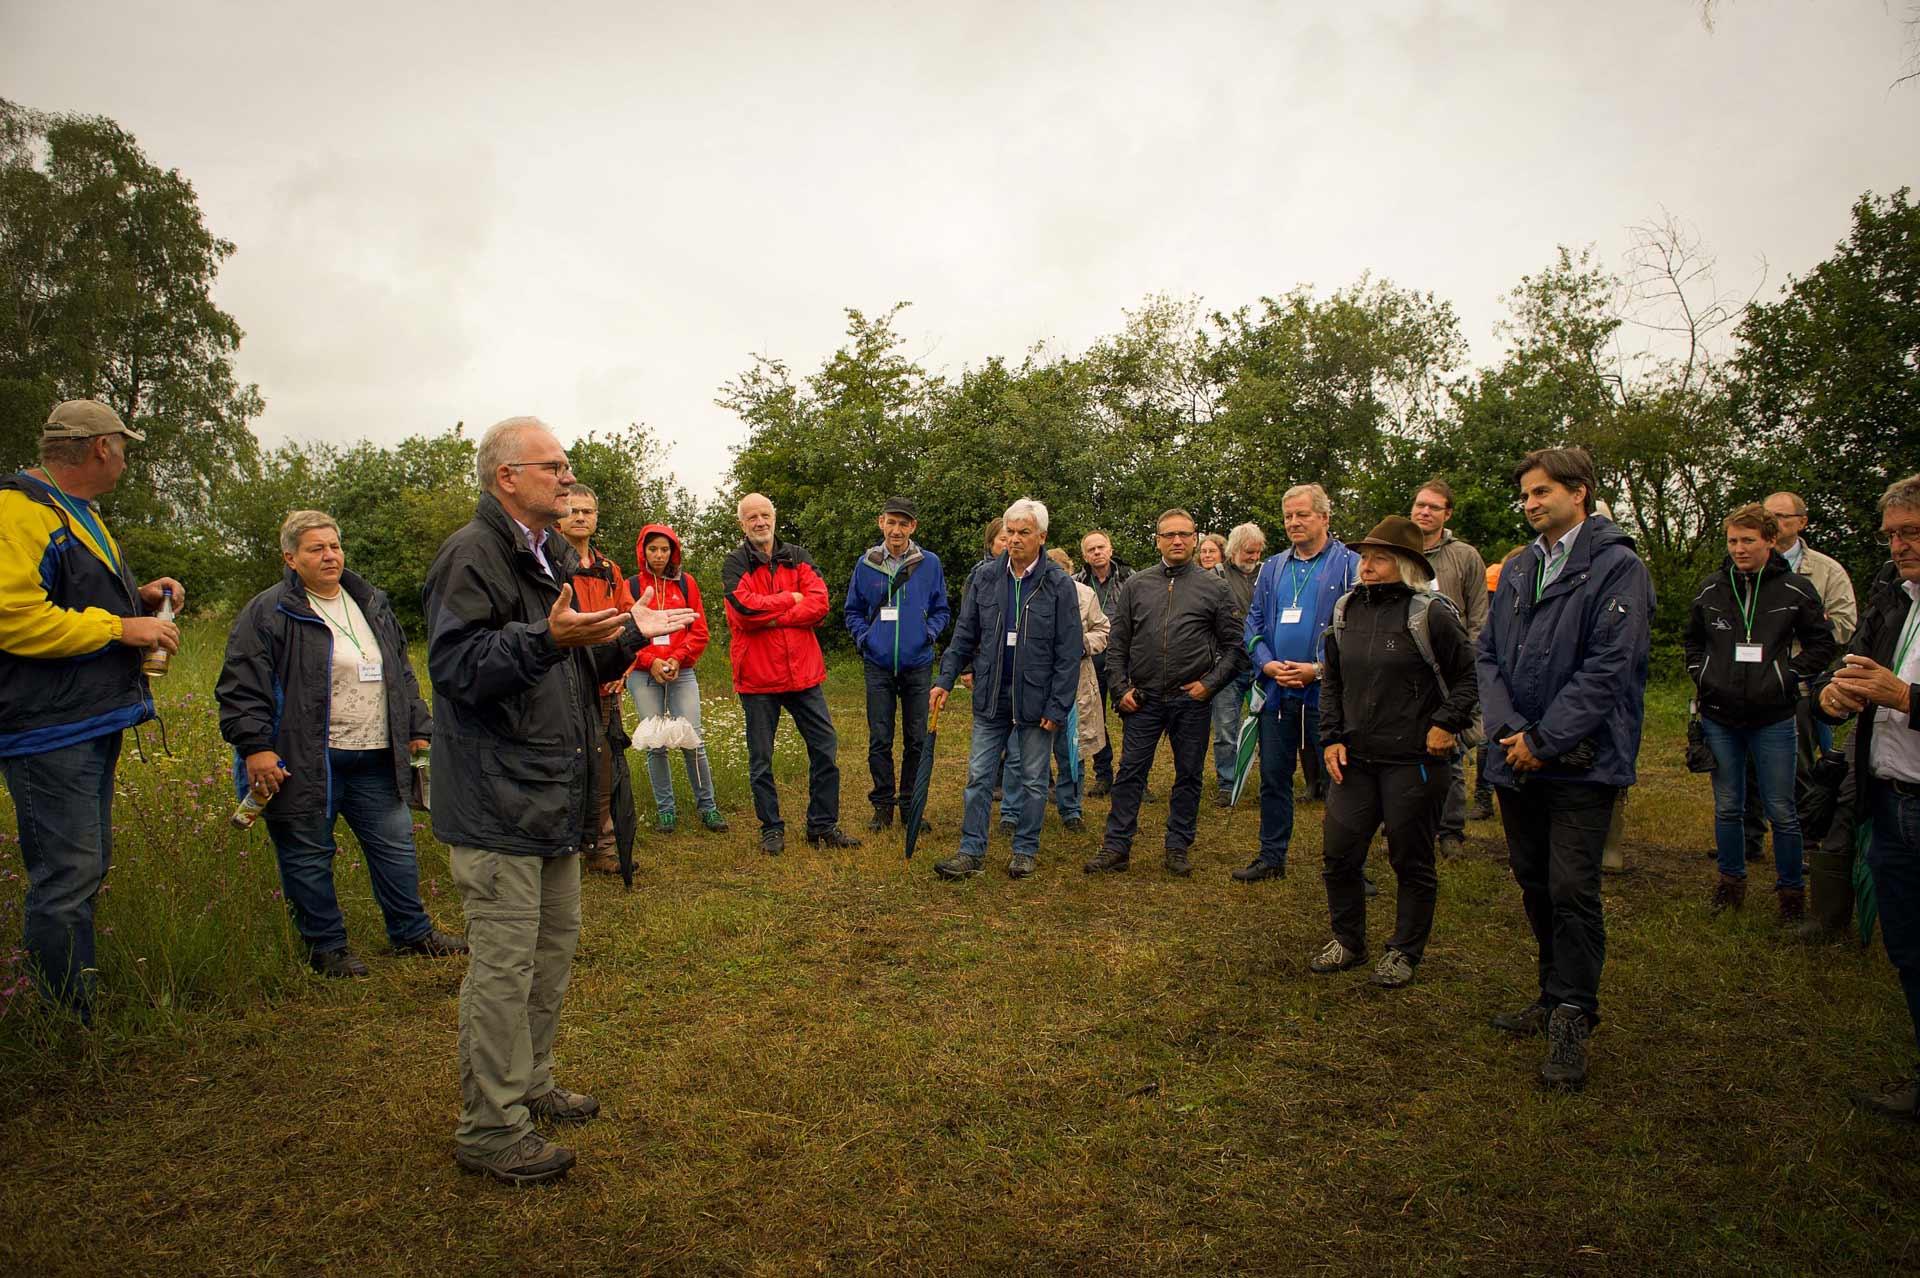 Festveranstaltung zu 40 Jahren Vogelschutzrichtlinie